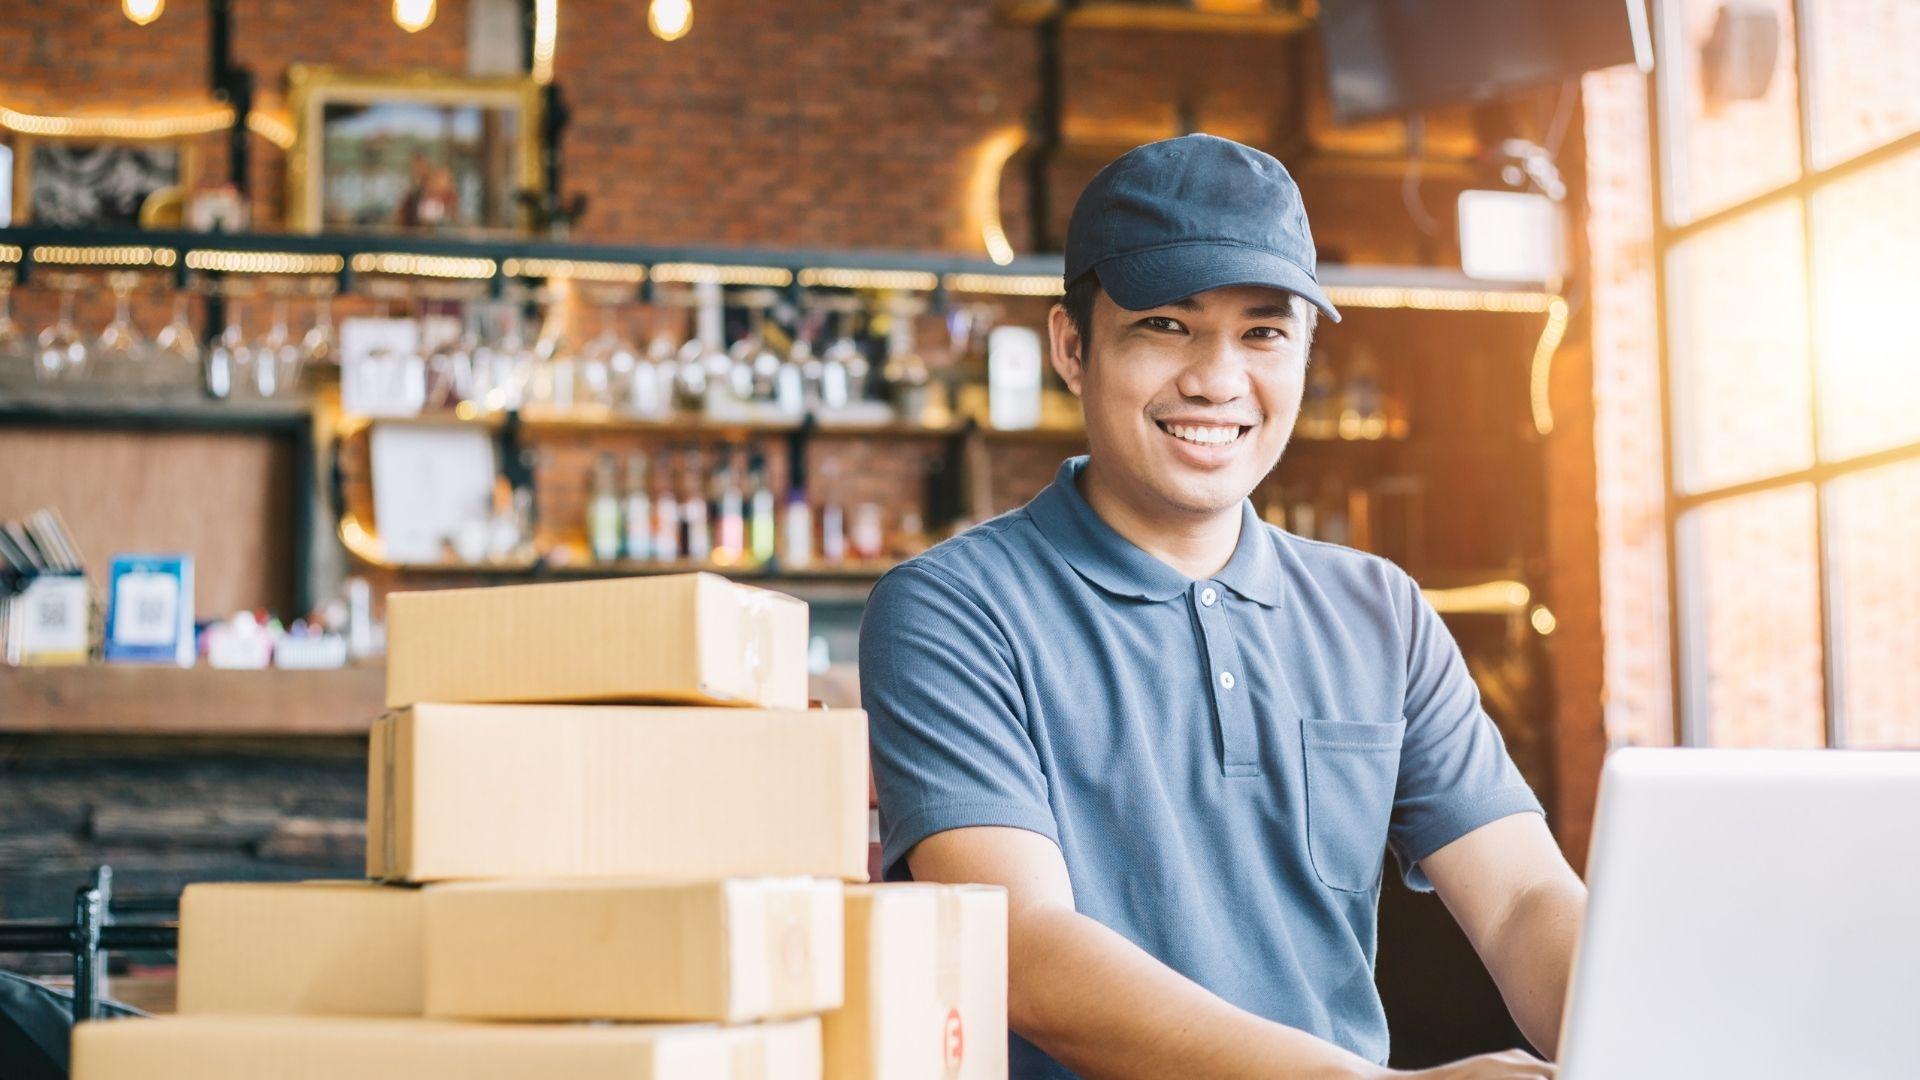 Agende una llamada con un Consultor ClandBus y empiece a planear su crecimiento con ventas en línea